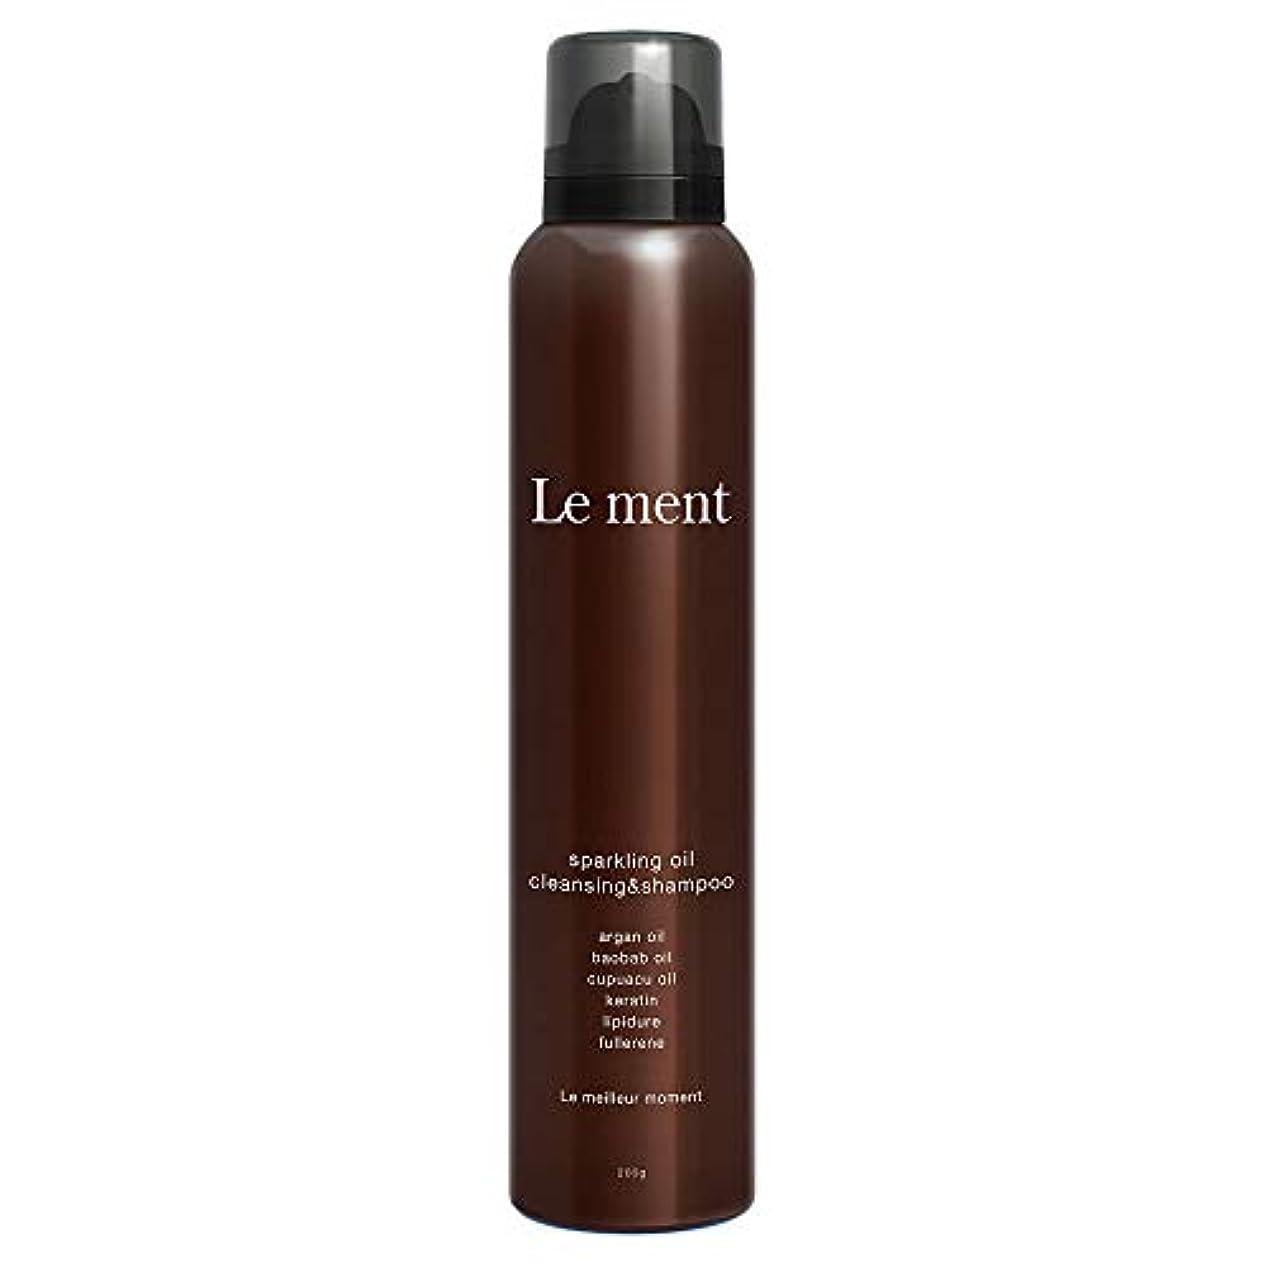 コロニー麻酔薬執着Le ment -sparkling oil cleansing & shampoo -